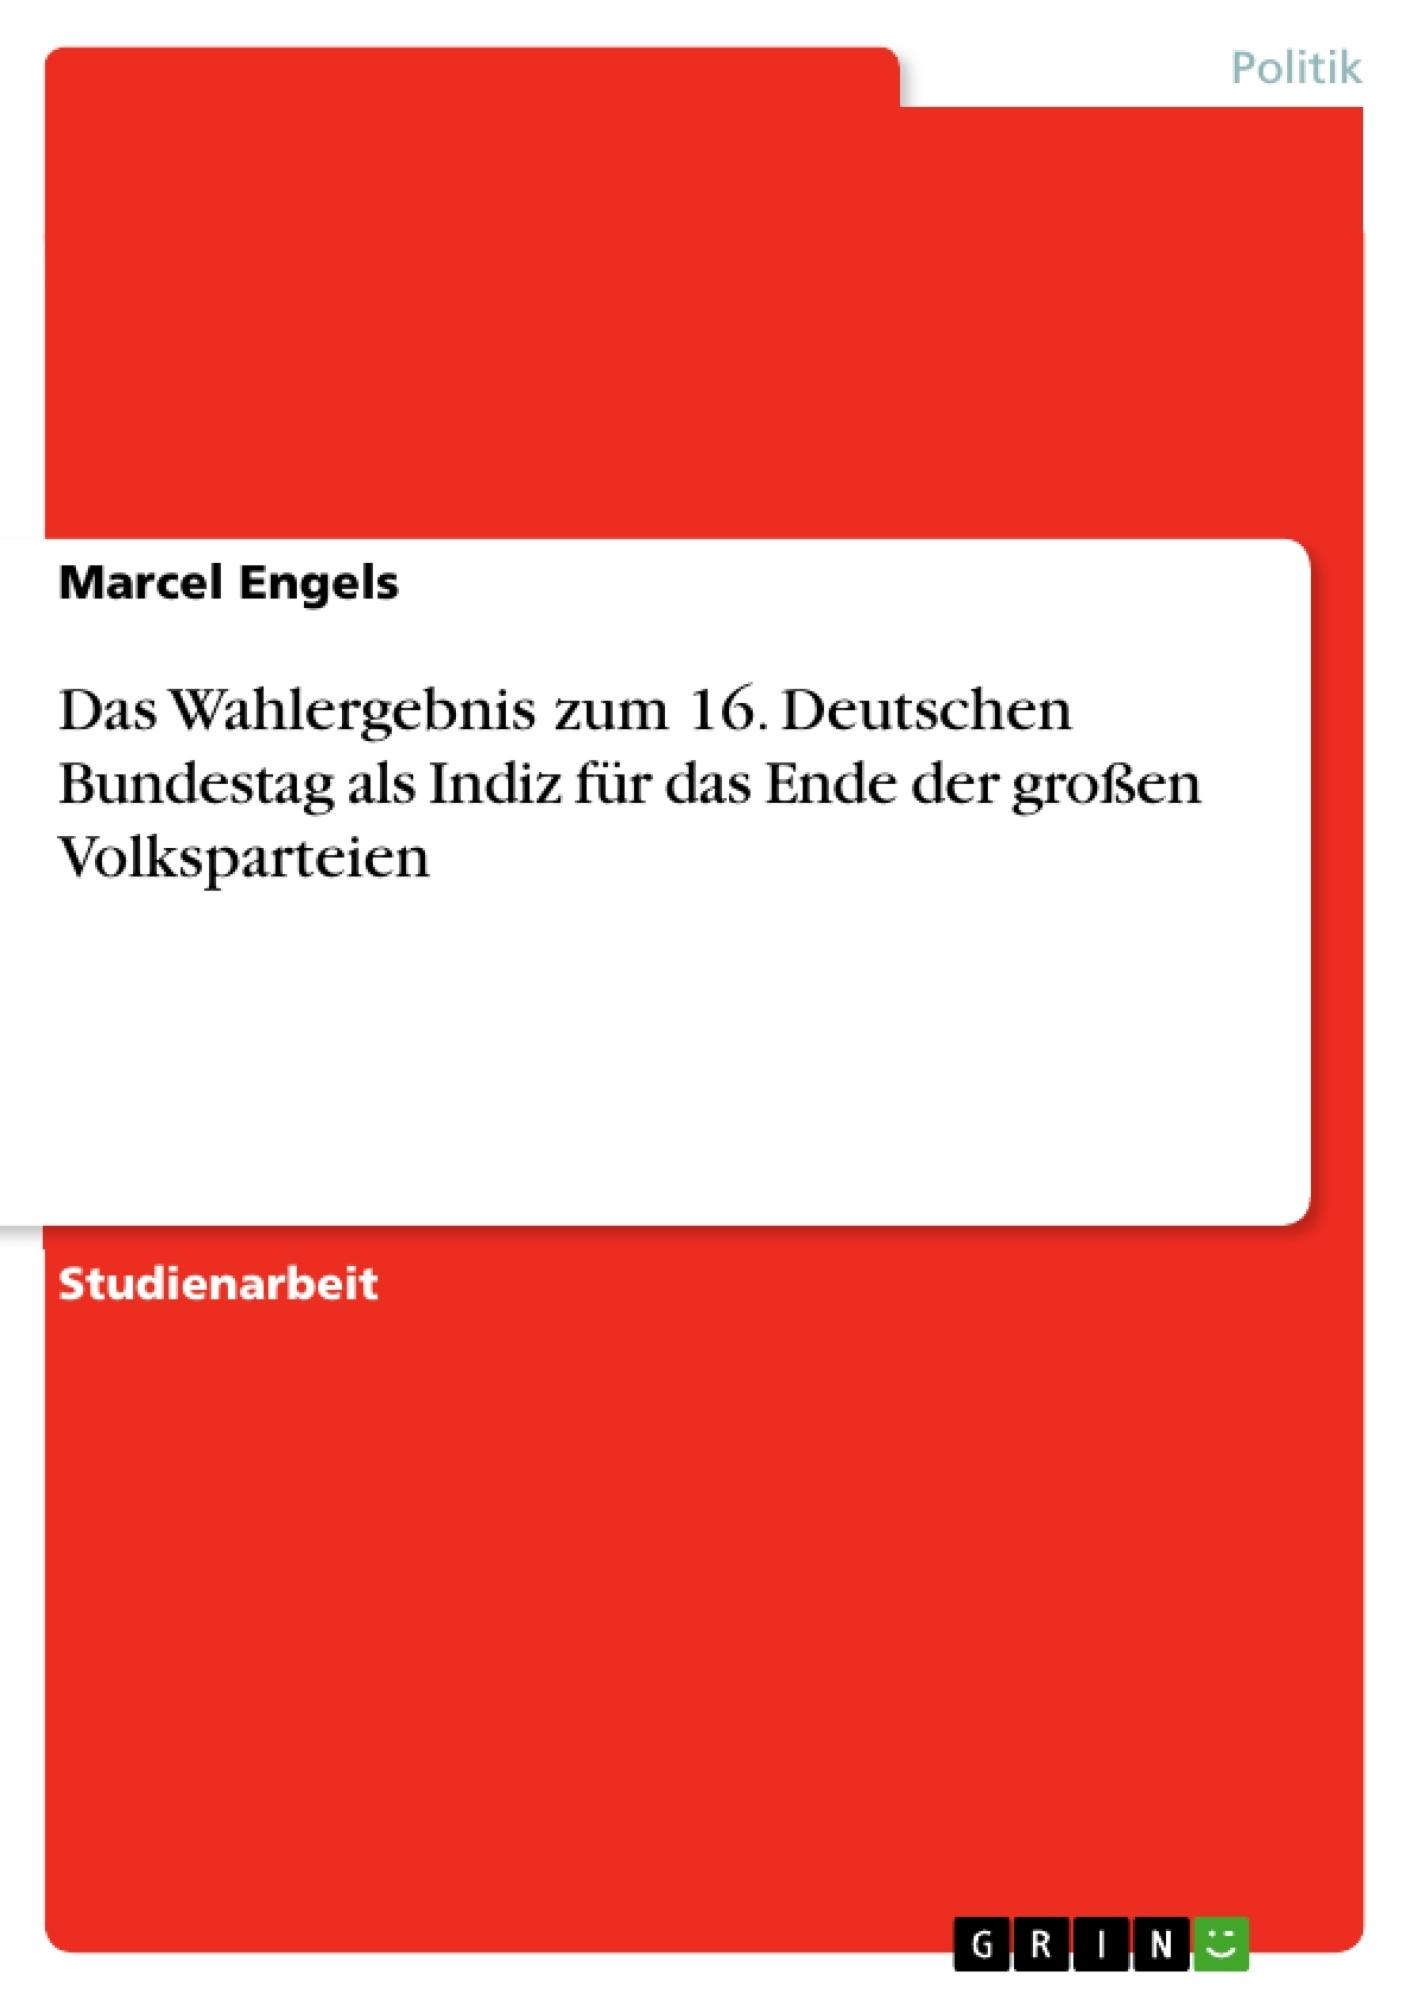 Titel: Das Wahlergebnis zum 16. Deutschen Bundestag als Indiz für das Ende der großen Volksparteien